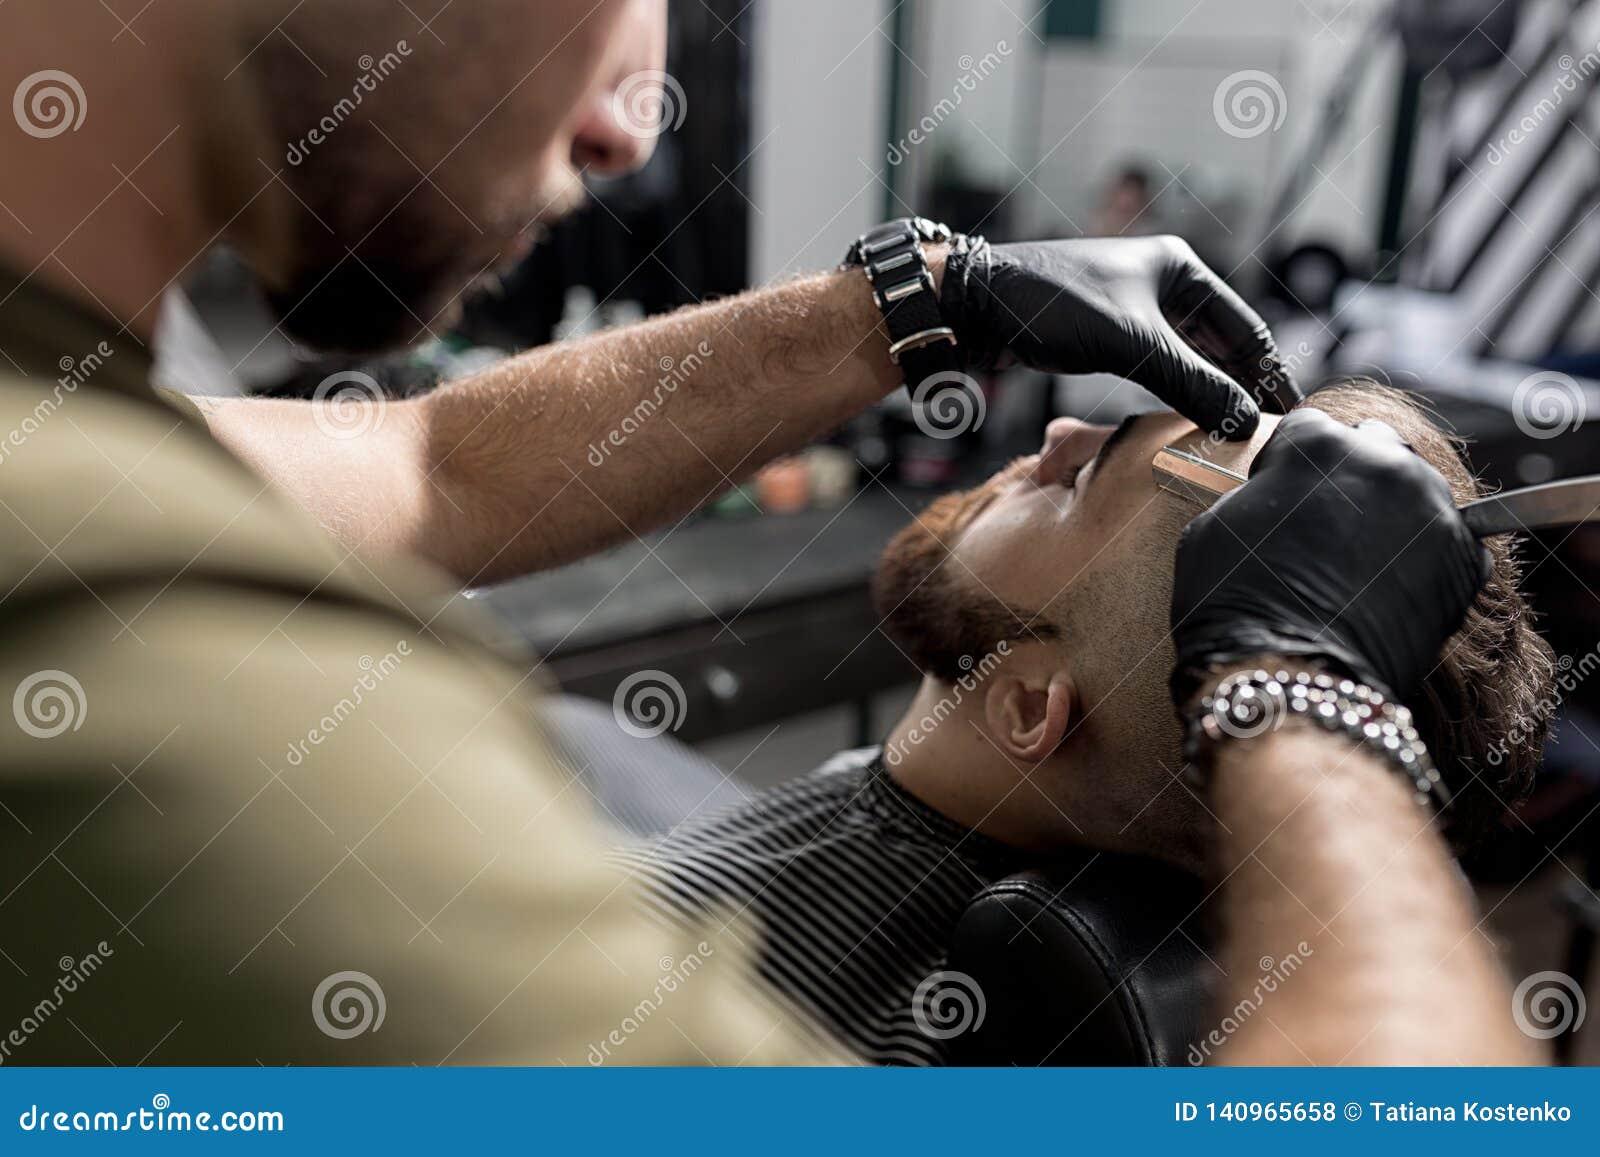 Barberaren i svarta handskar klipper templet av den brutala skäggiga unga mannen med en rak rakkniv på en frisersalong